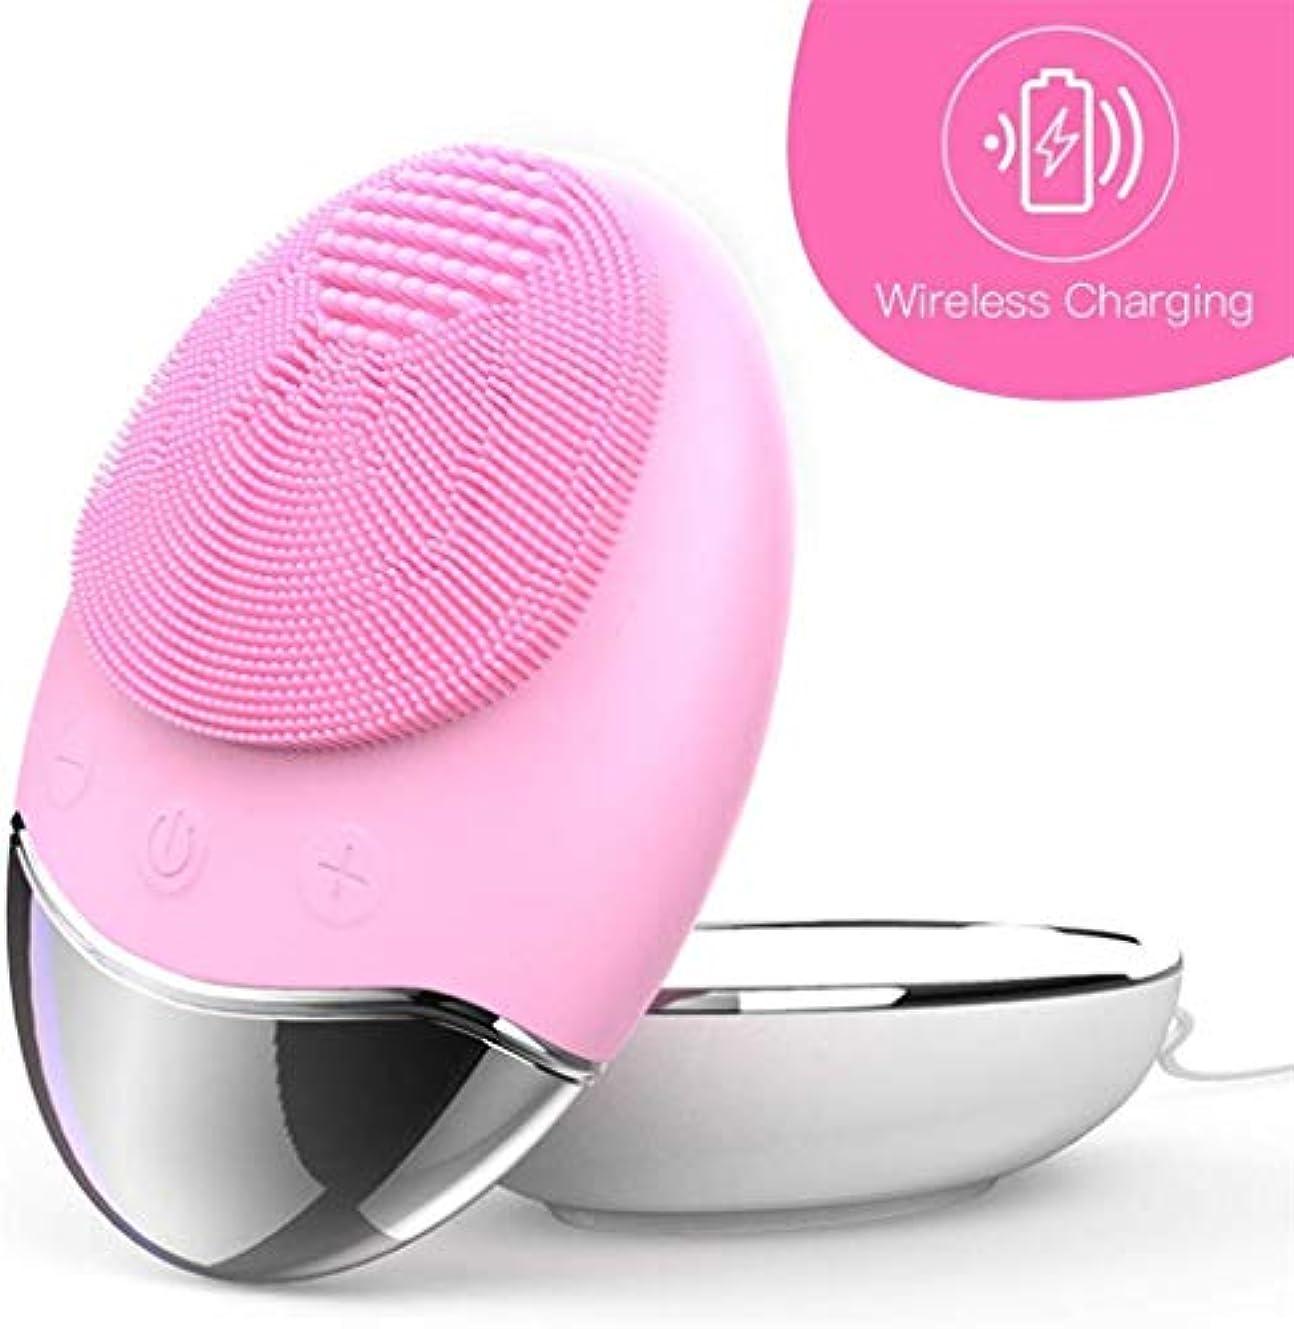 バーベキュー規定クリップオールスキンタイプの充電式用シリコーン洗顔ブラシ、ブラシシリコーンエクスフォリエイティングフェイススクラブブラシマッサージャー3-IN-1エレクトリックフェイス、